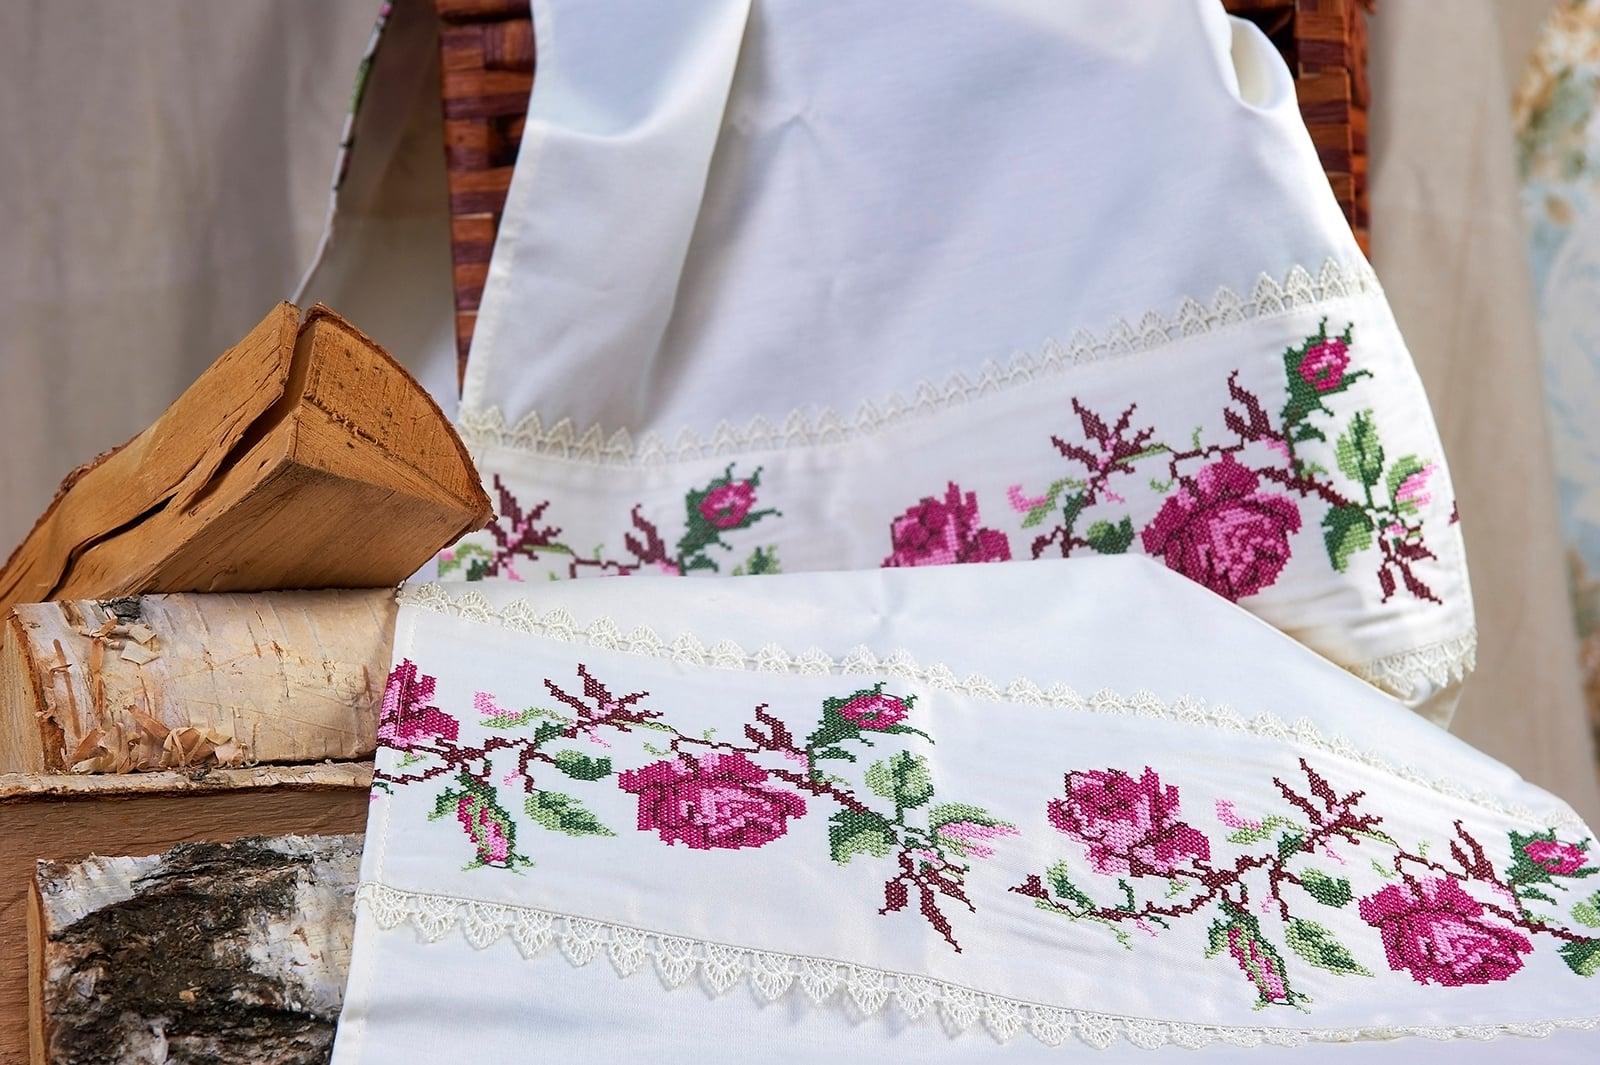 Белый свадебный рушник с цветочным мотивом в сиреневых тонах.